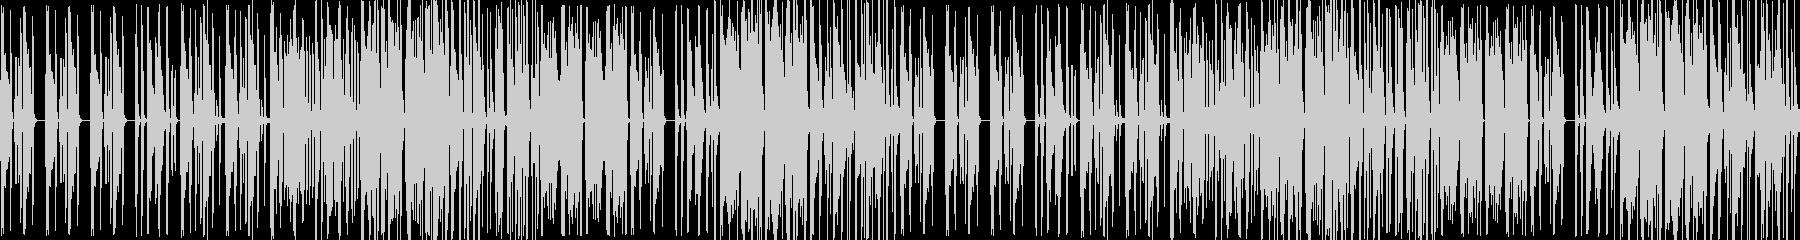 【コミカルバラエティなホルンJAZZ】の未再生の波形